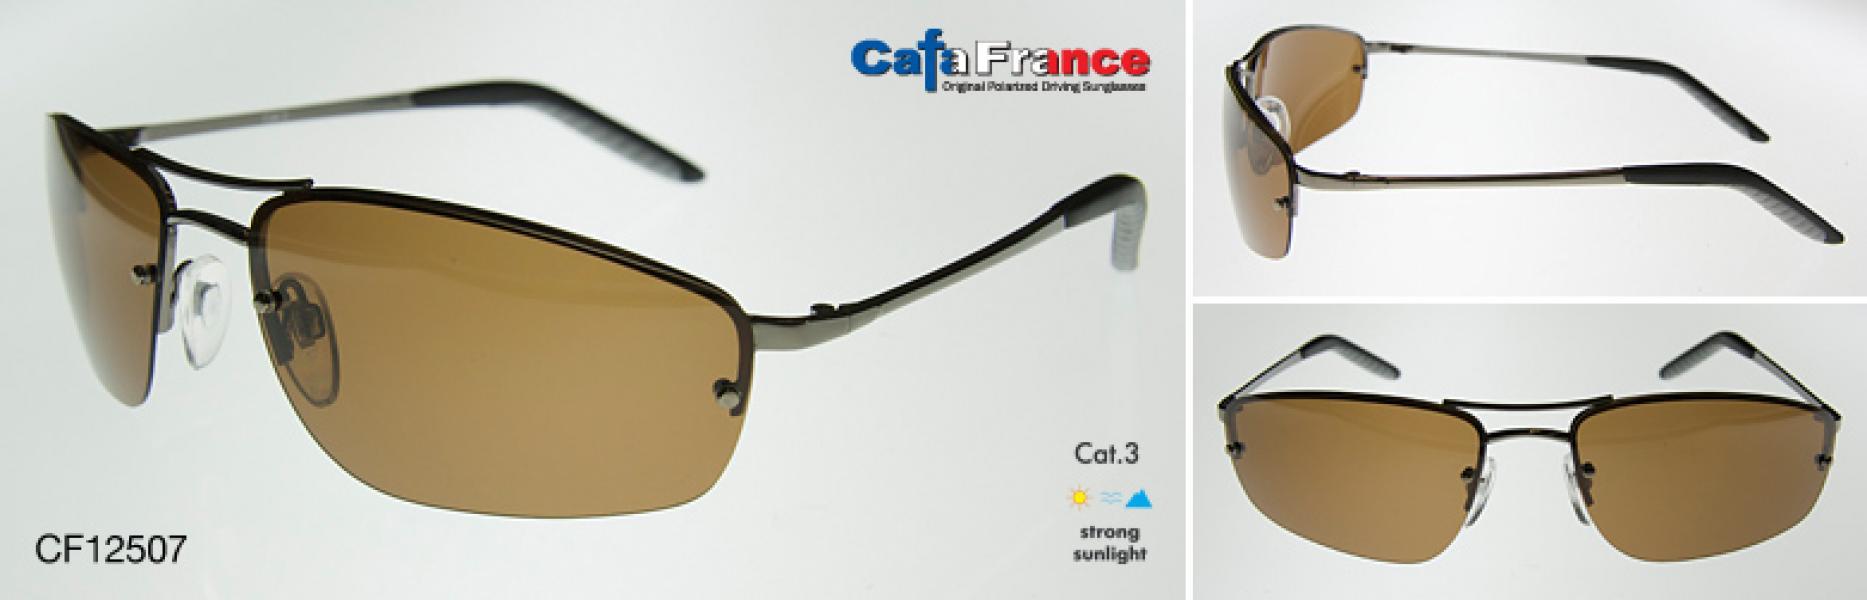 Очки водителя cafa france 20 фотография